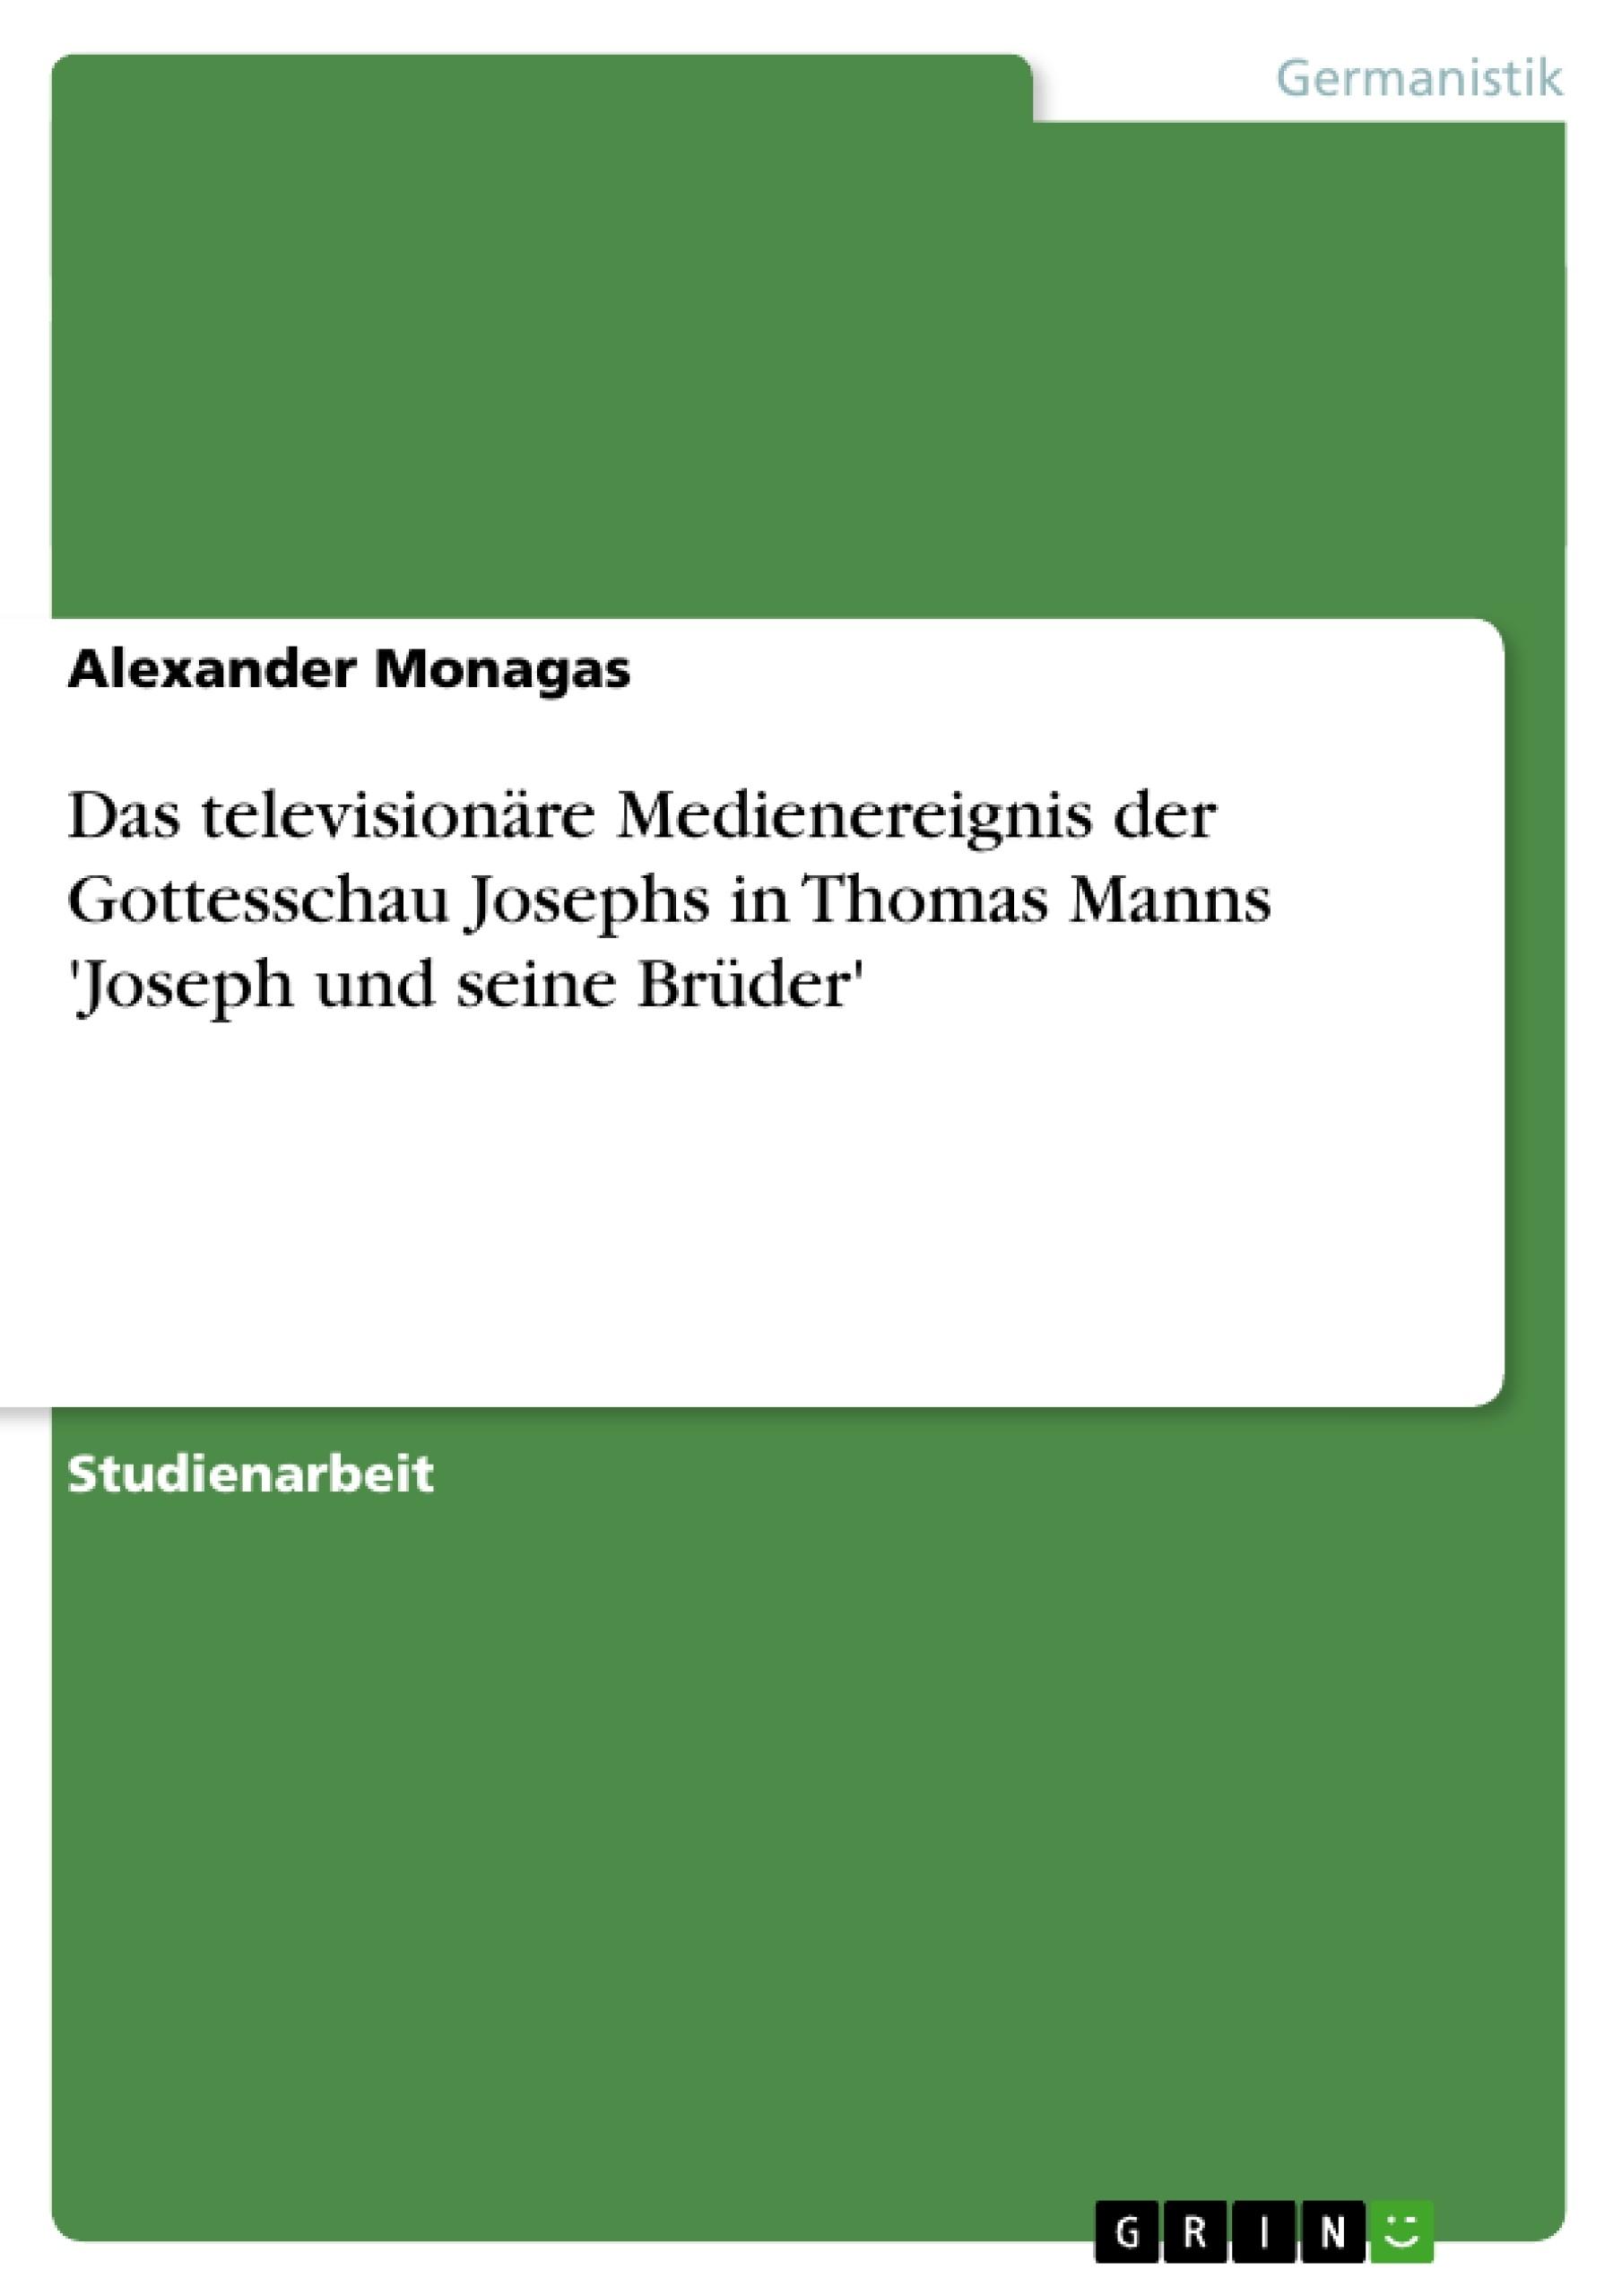 Titel: Das televisionäre Medienereignis der Gottesschau Josephs in Thomas Manns 'Joseph und seine Brüder'